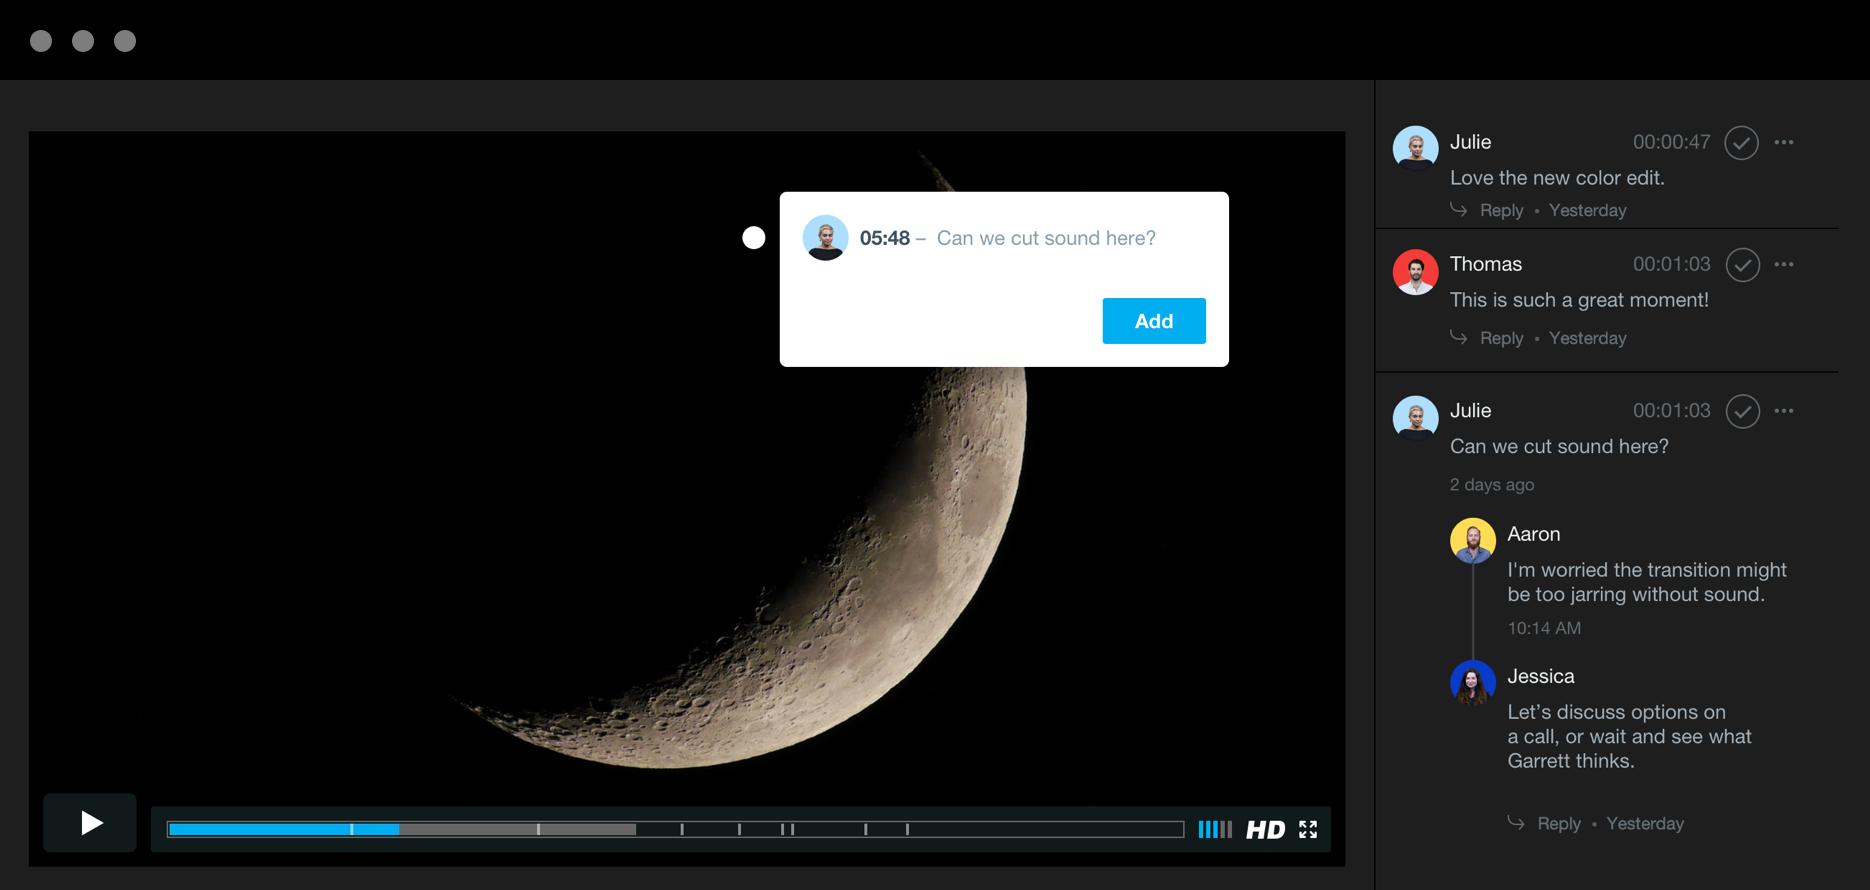 달의 모습이 담긴 영상 클립이 표시되는 리뷰 페이지에 '여기서 사운드를 없앨 수 있나요?'라는 타임코드 메모가 작성되고 왼편에는 다른 검토자들이 남긴 메모 및 답글들이 표시되는 패널.